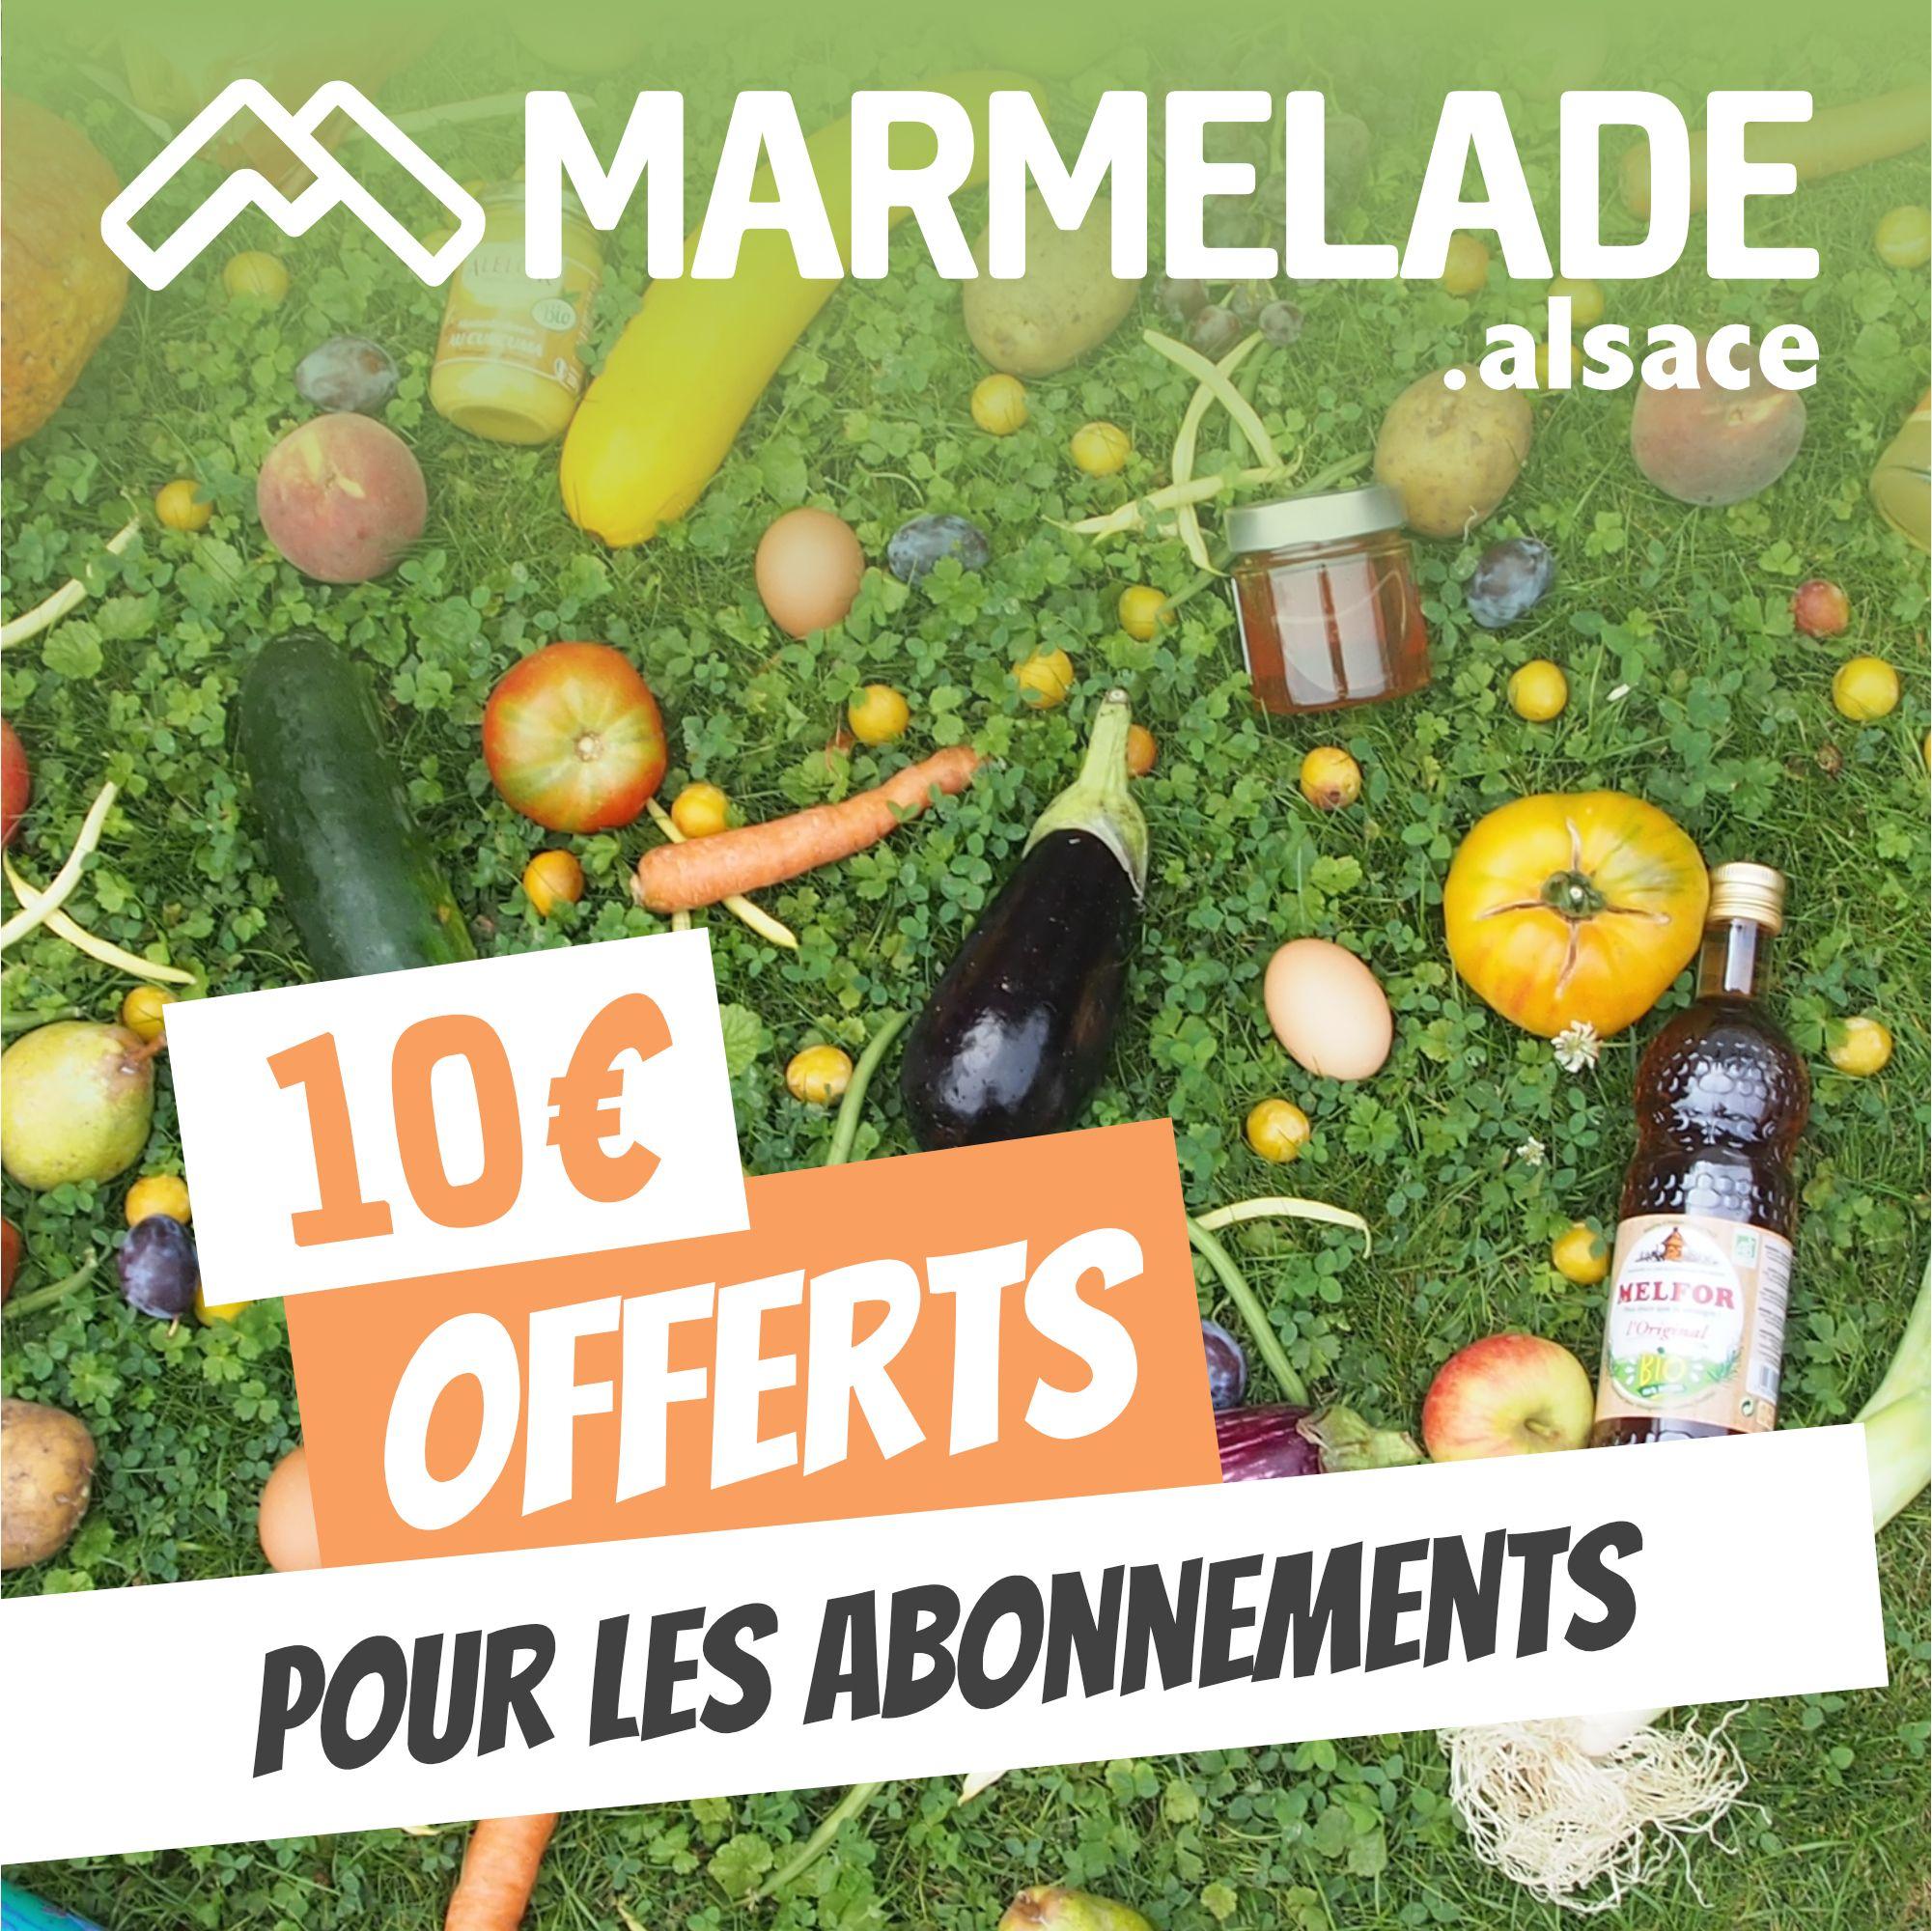 10€ de réduction pour faire ses courses locales (marmelade.alsace)